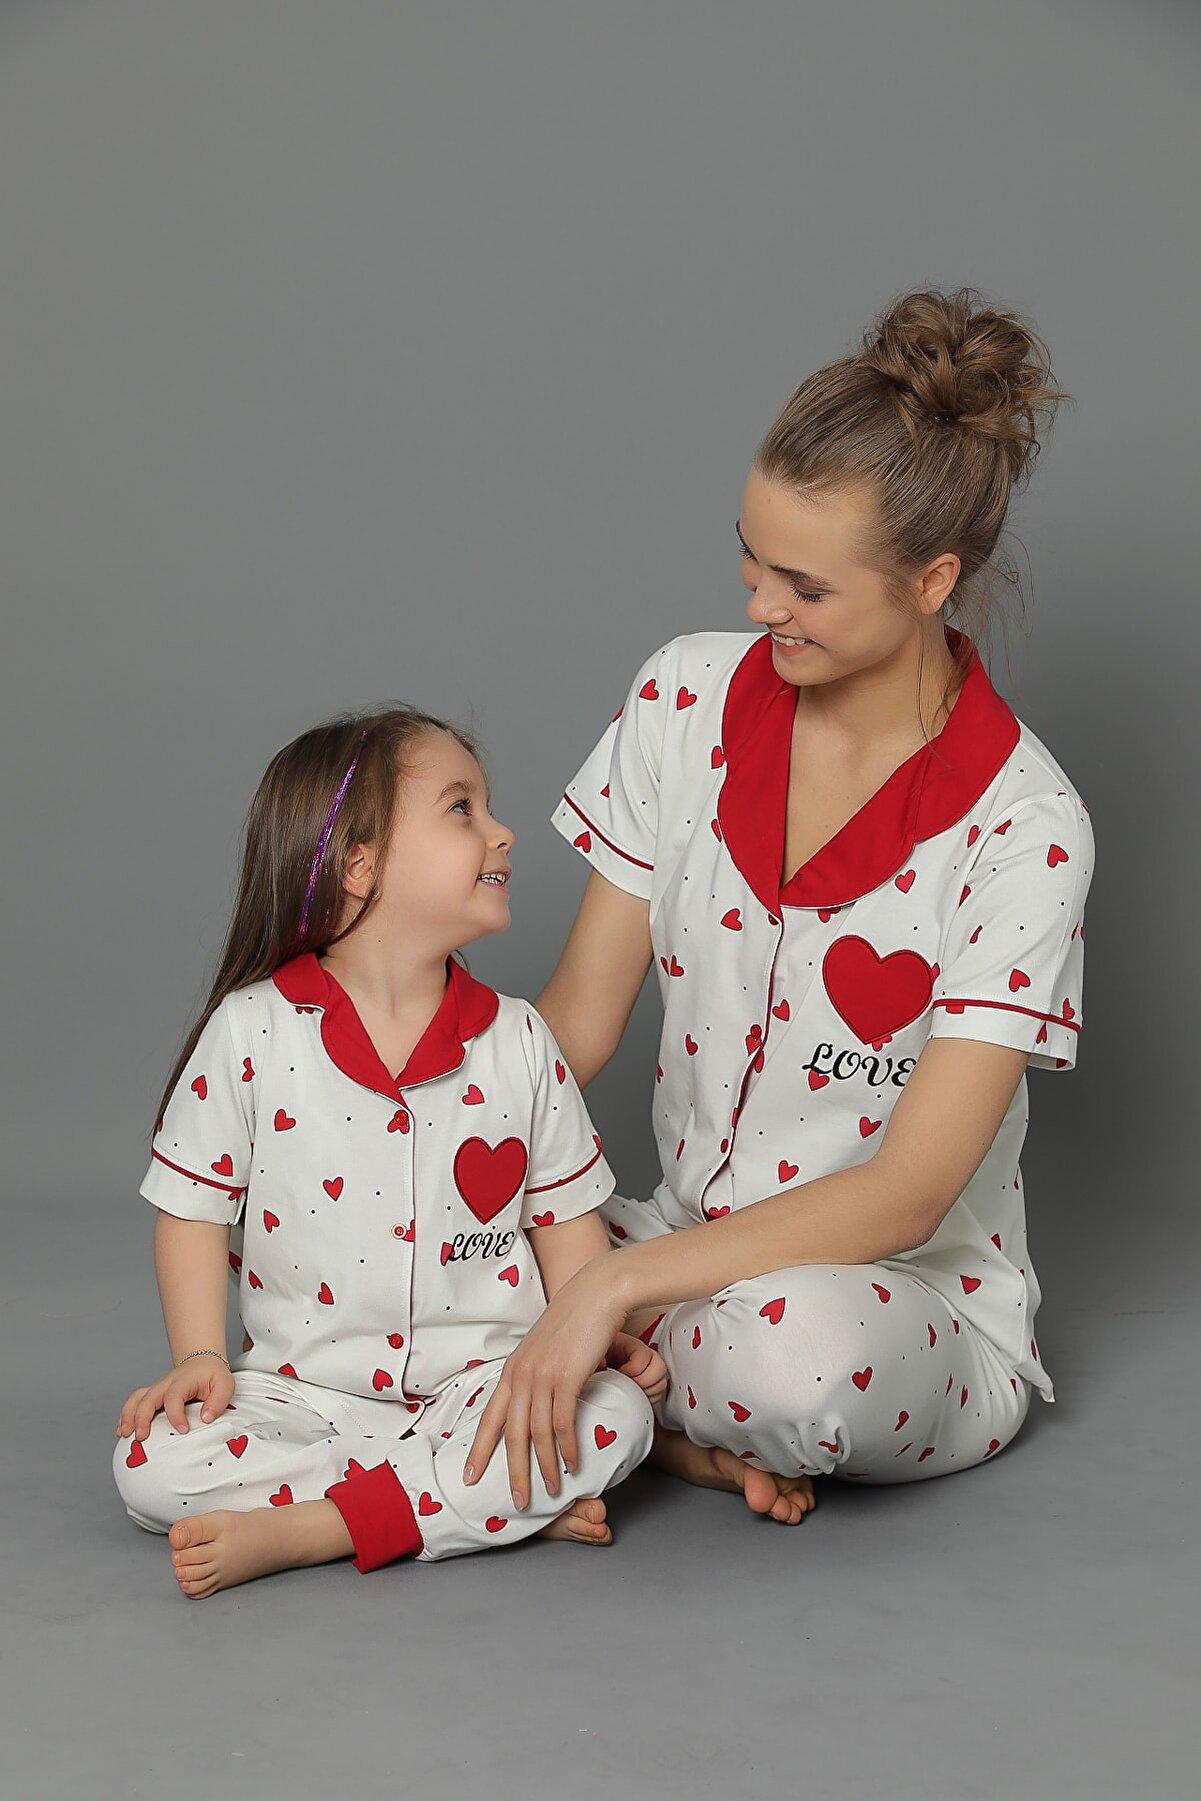 modalizy Anne Kız Kombinleri Kalp Desenli'' (TEK ÜRÜN FİYATIDIR KOMBİN İÇİN TEK TEK SEPETE EKLEYİNİZ)